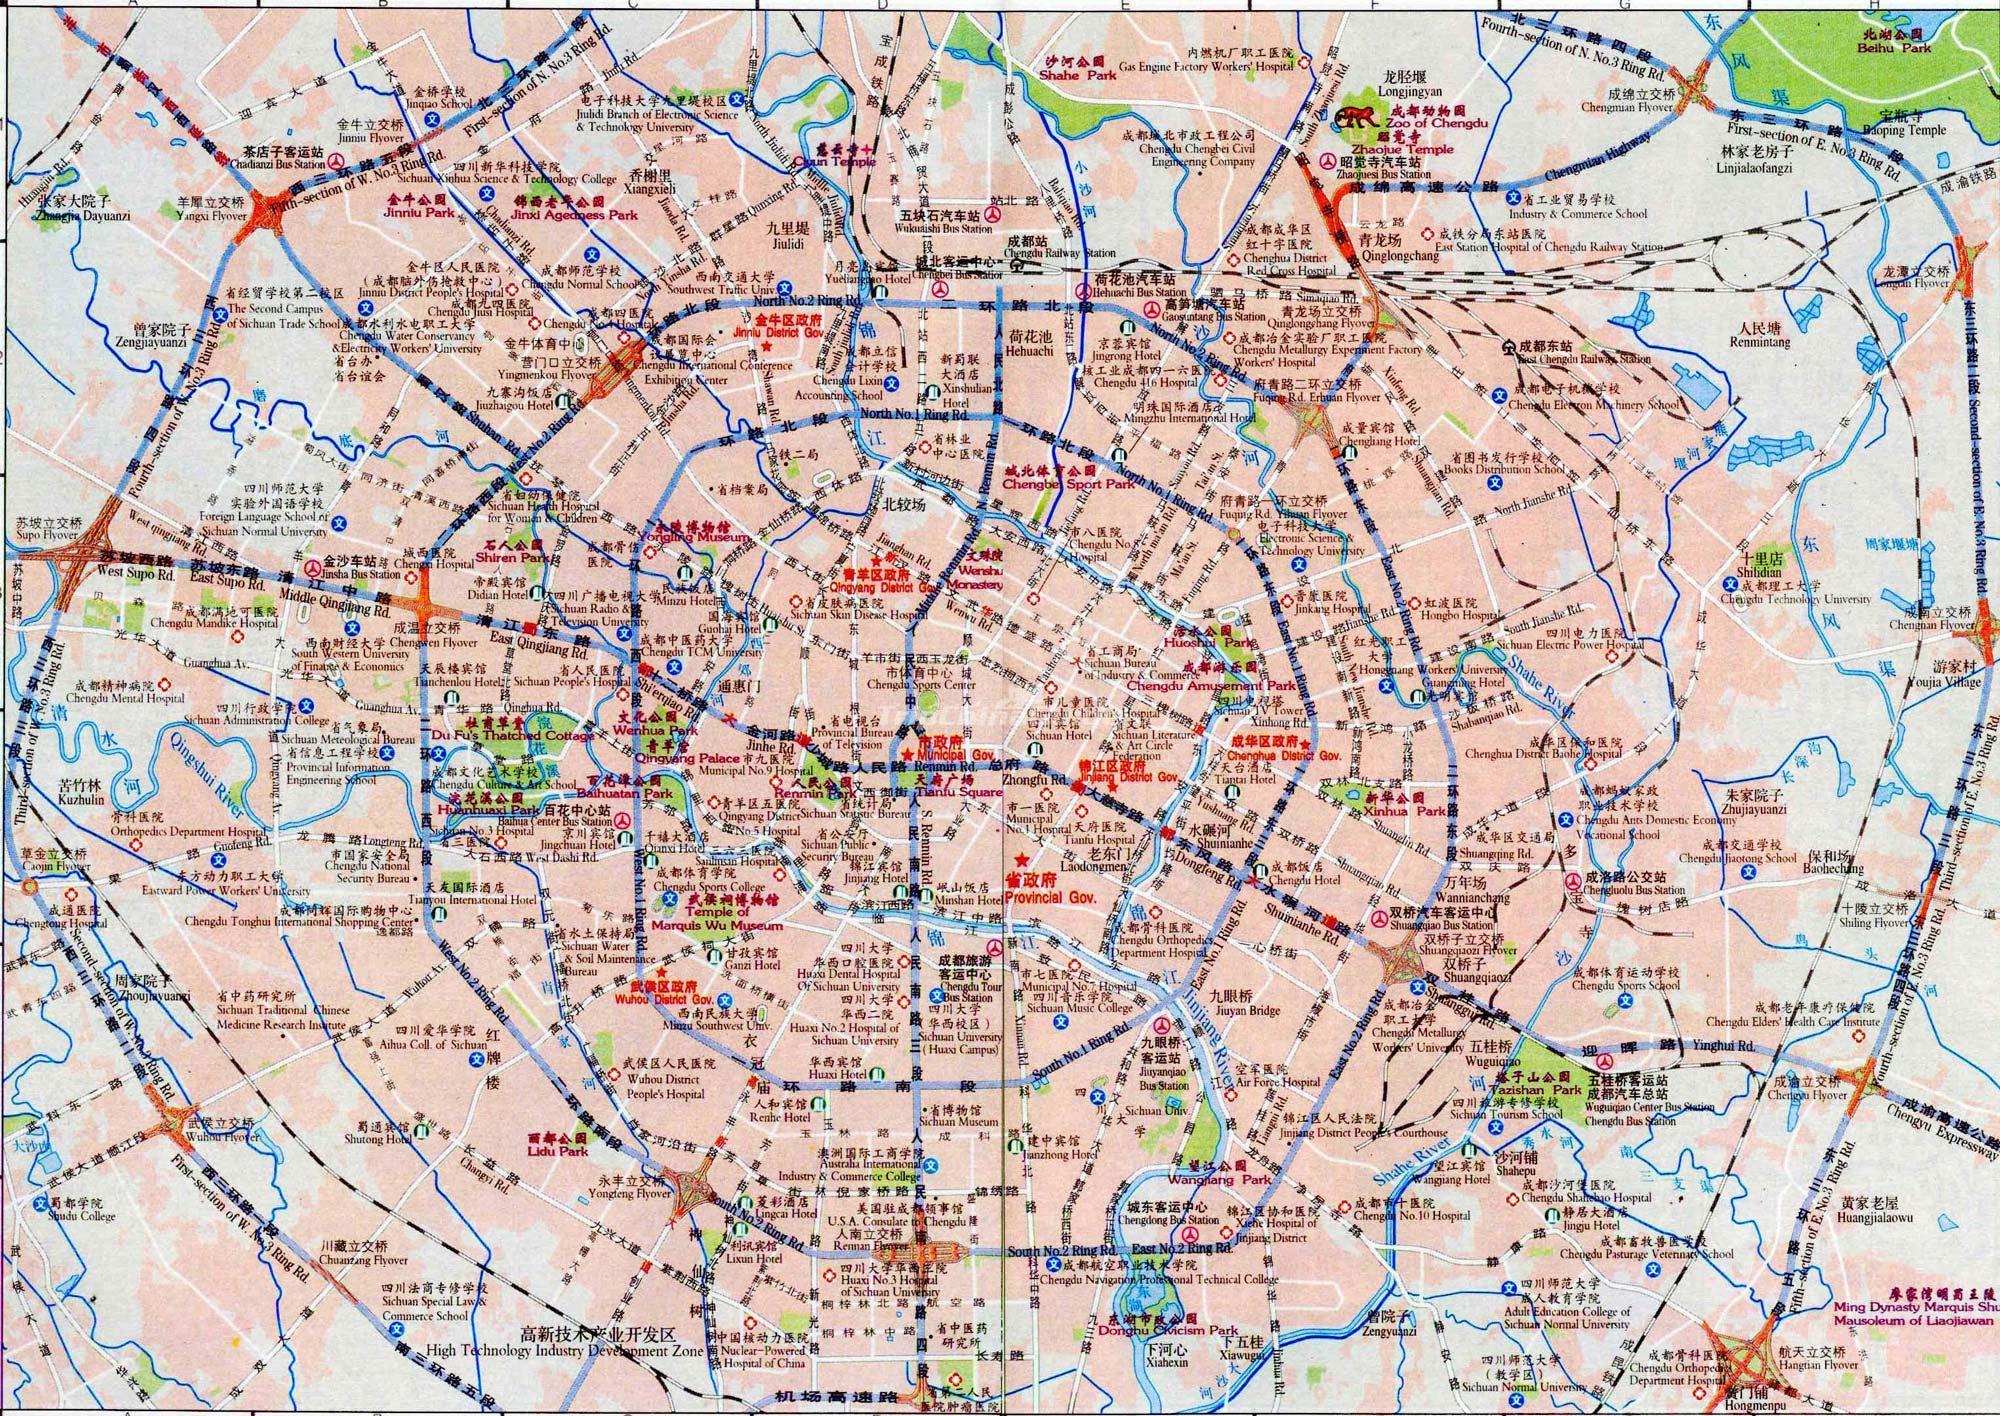 Map of Chengdu - Maps of Chengdu Chengdu City Map on